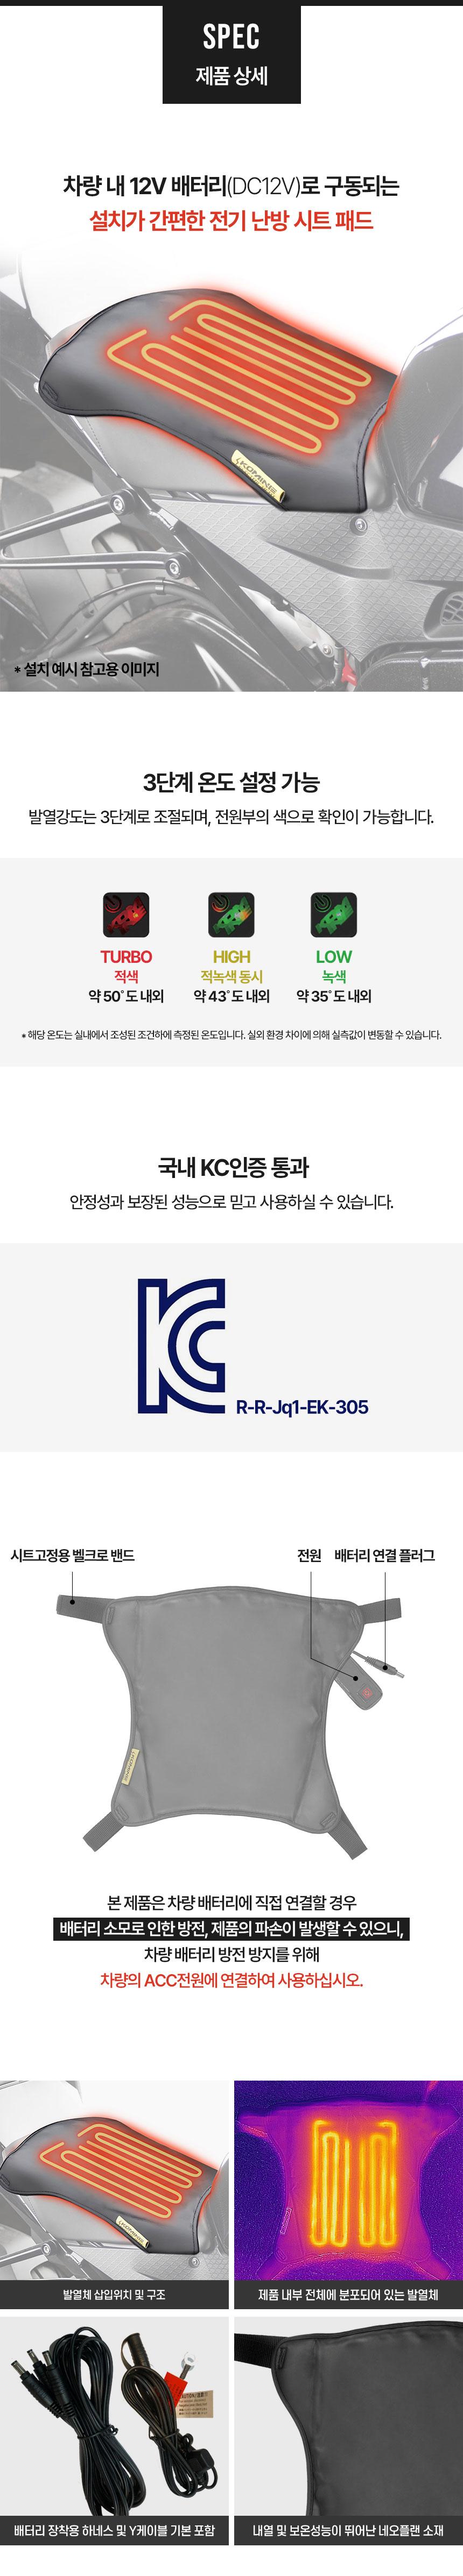 KOMINE_EK-305_spec.jpg